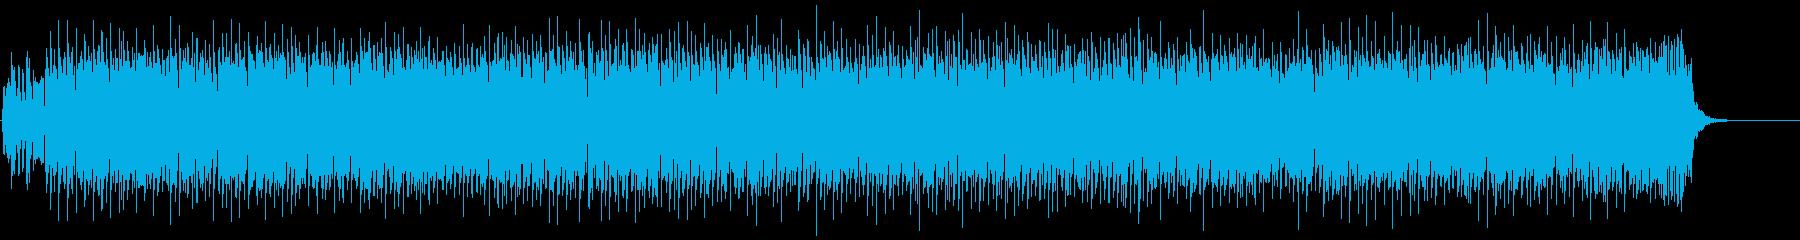 かわいいエンディング用キラキラ曲の再生済みの波形